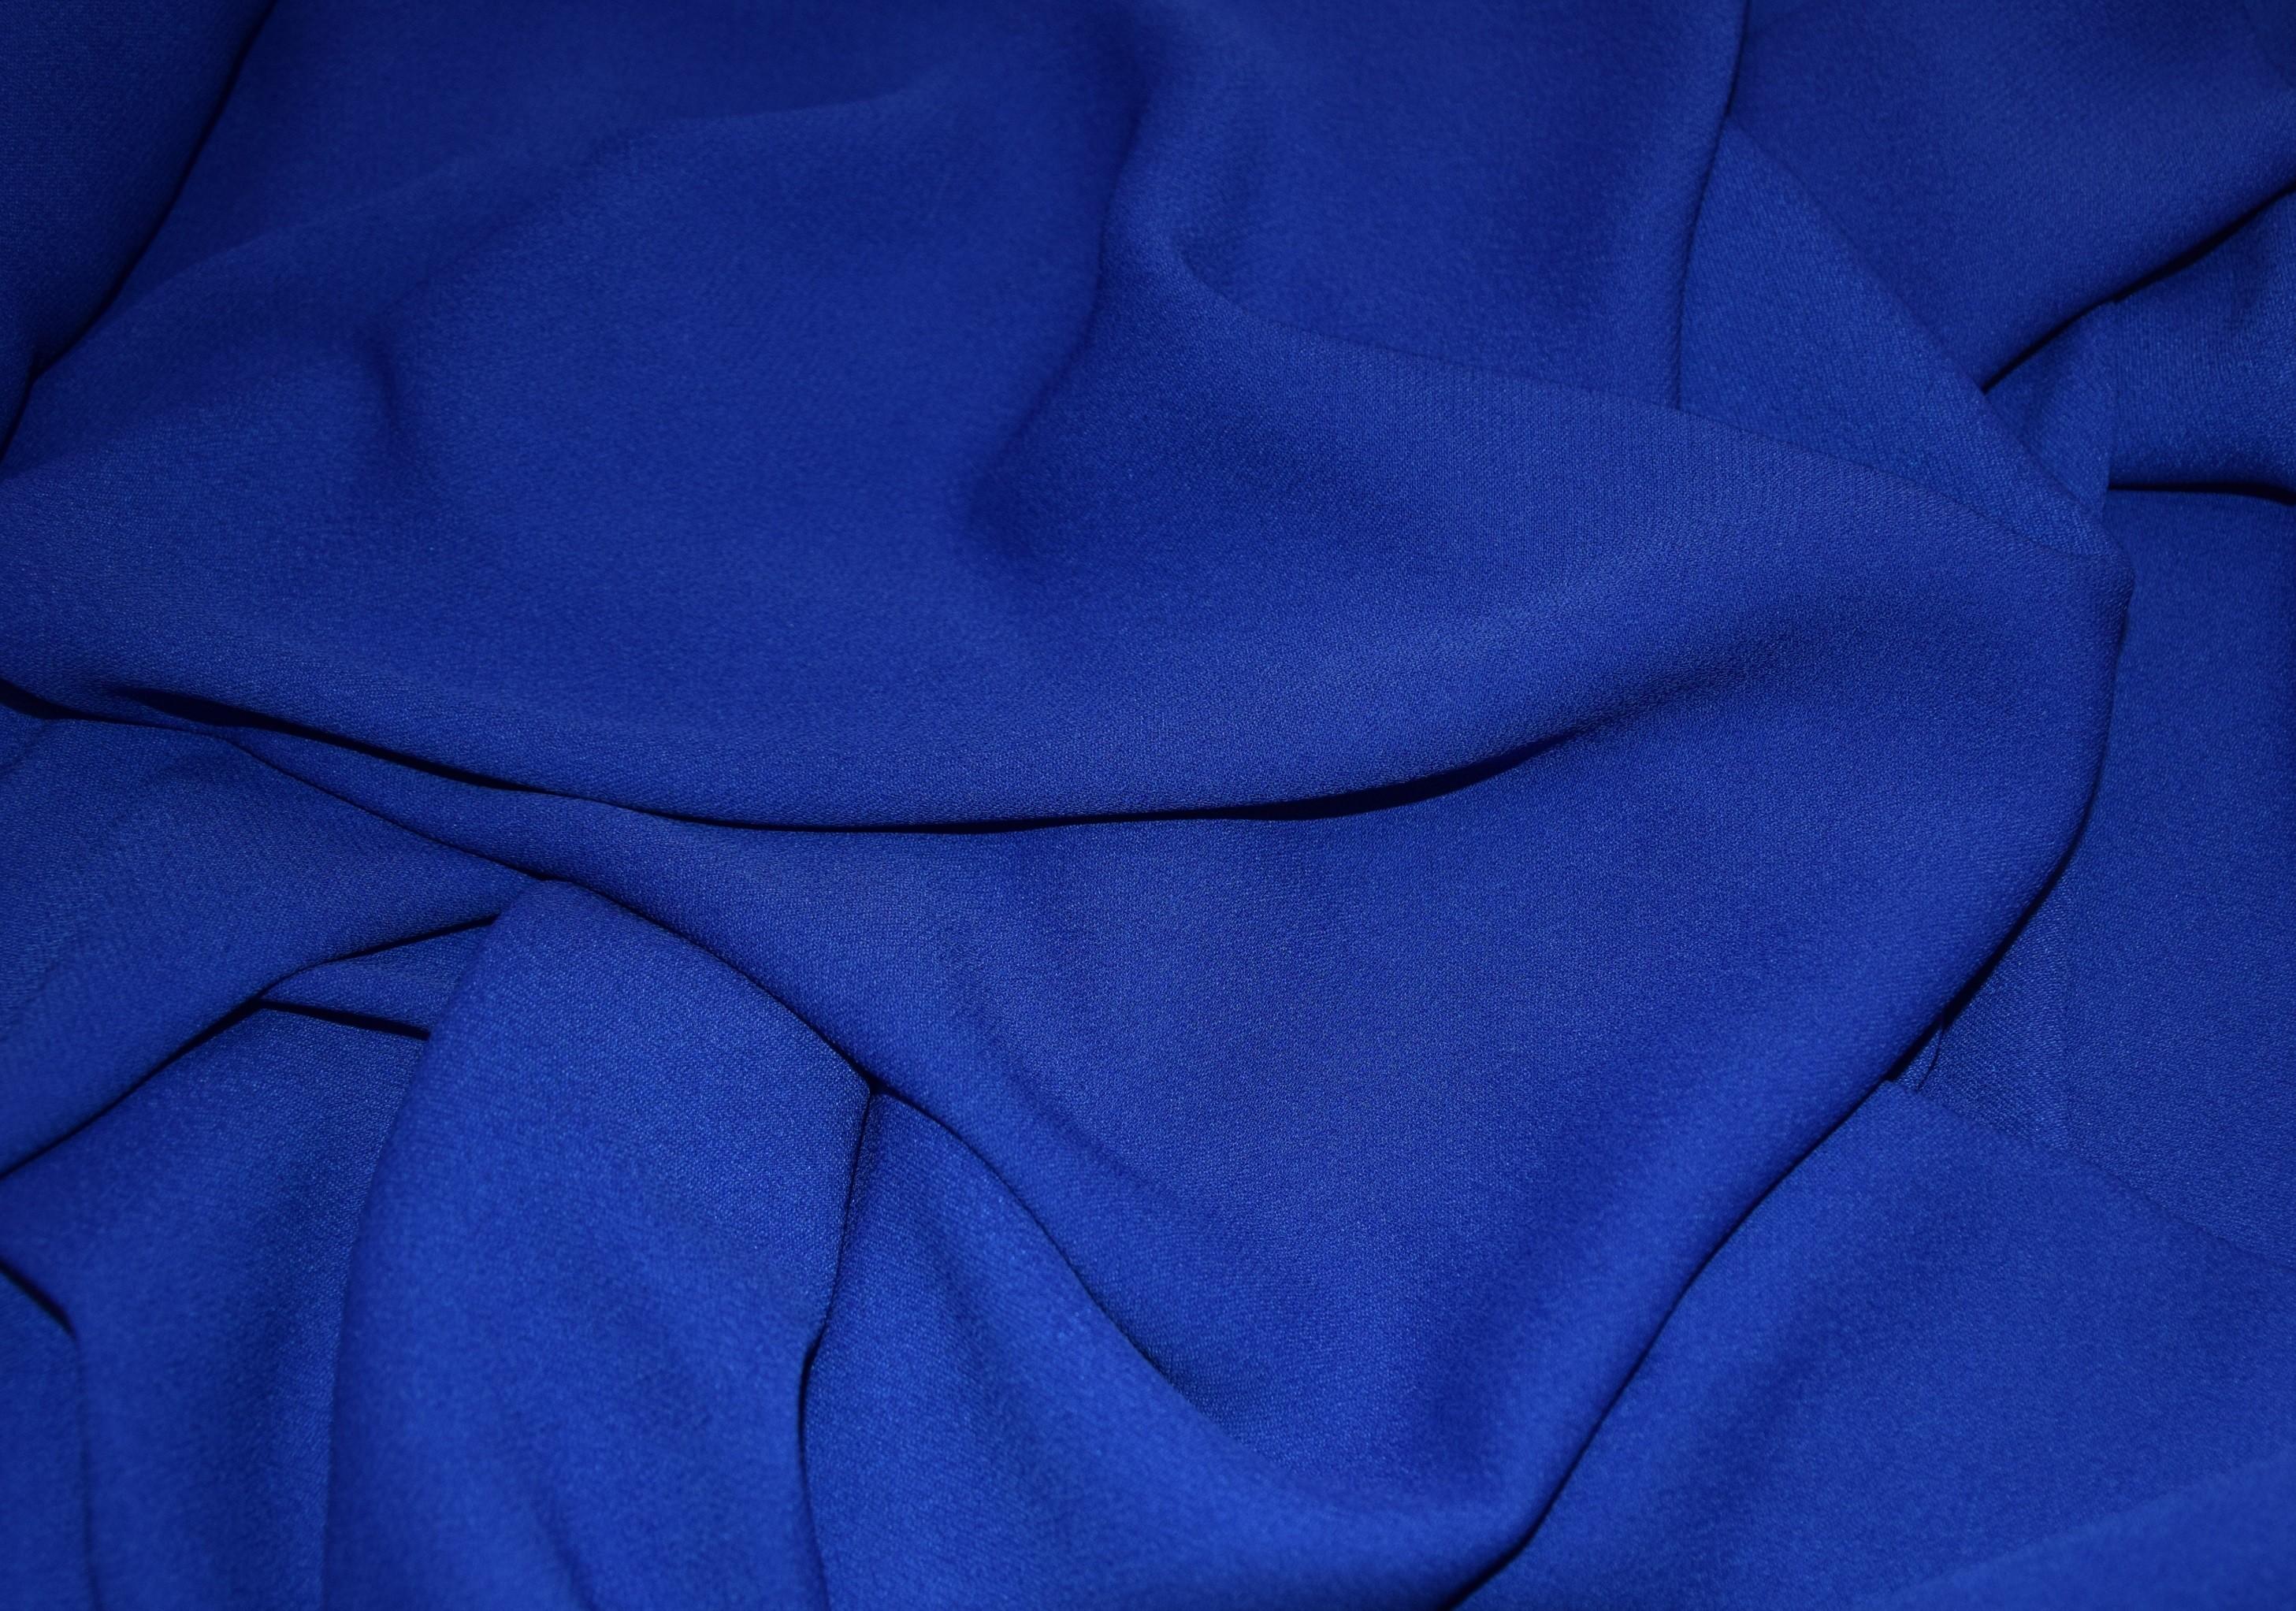 Crepe Color 2019 Tessuto In Poliestere Con Lavorazione A Crepe In T